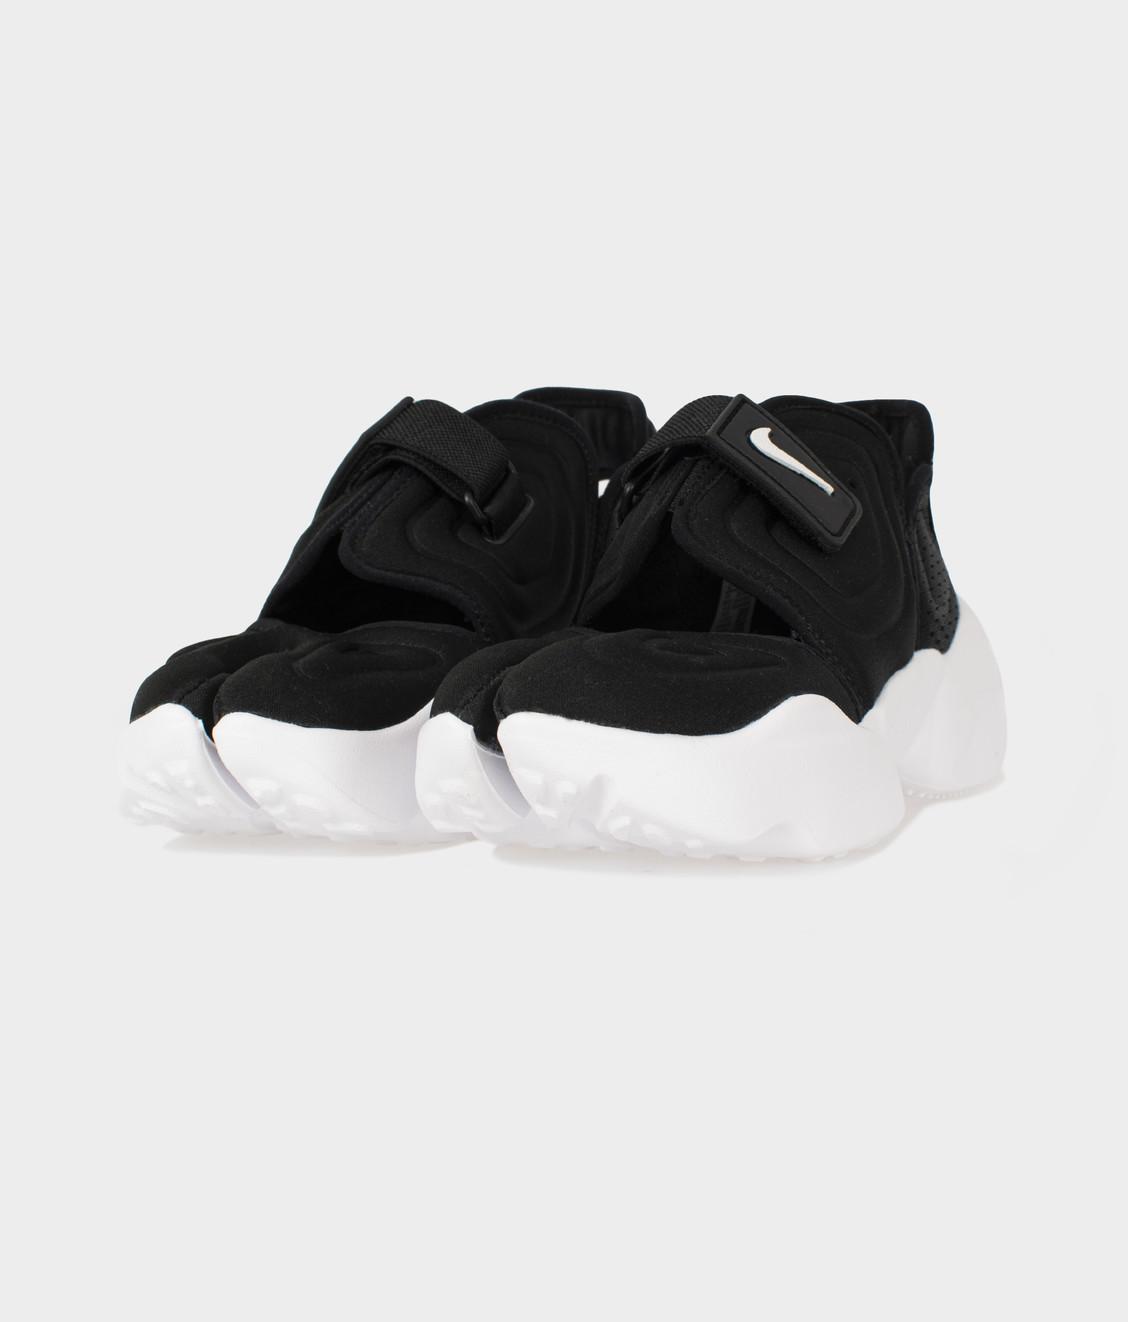 Nike Nike W Aqua Rift Black